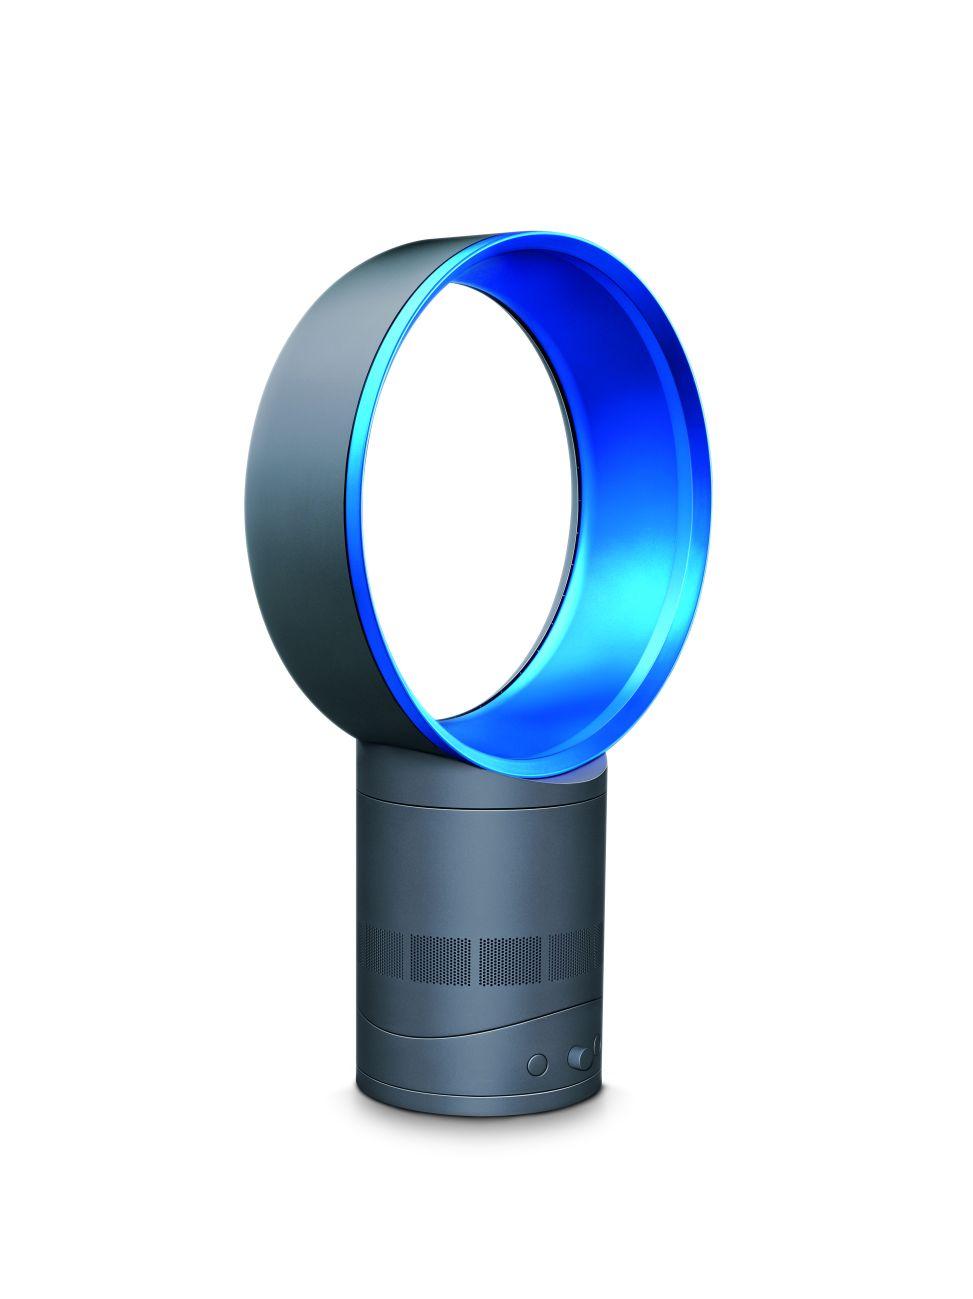 Напольный вентилятор (44 фото): бесшумный прибор для дома, ремонт мощного бытового вентилятора своими руками, как выбрать и собрать, рейтинг